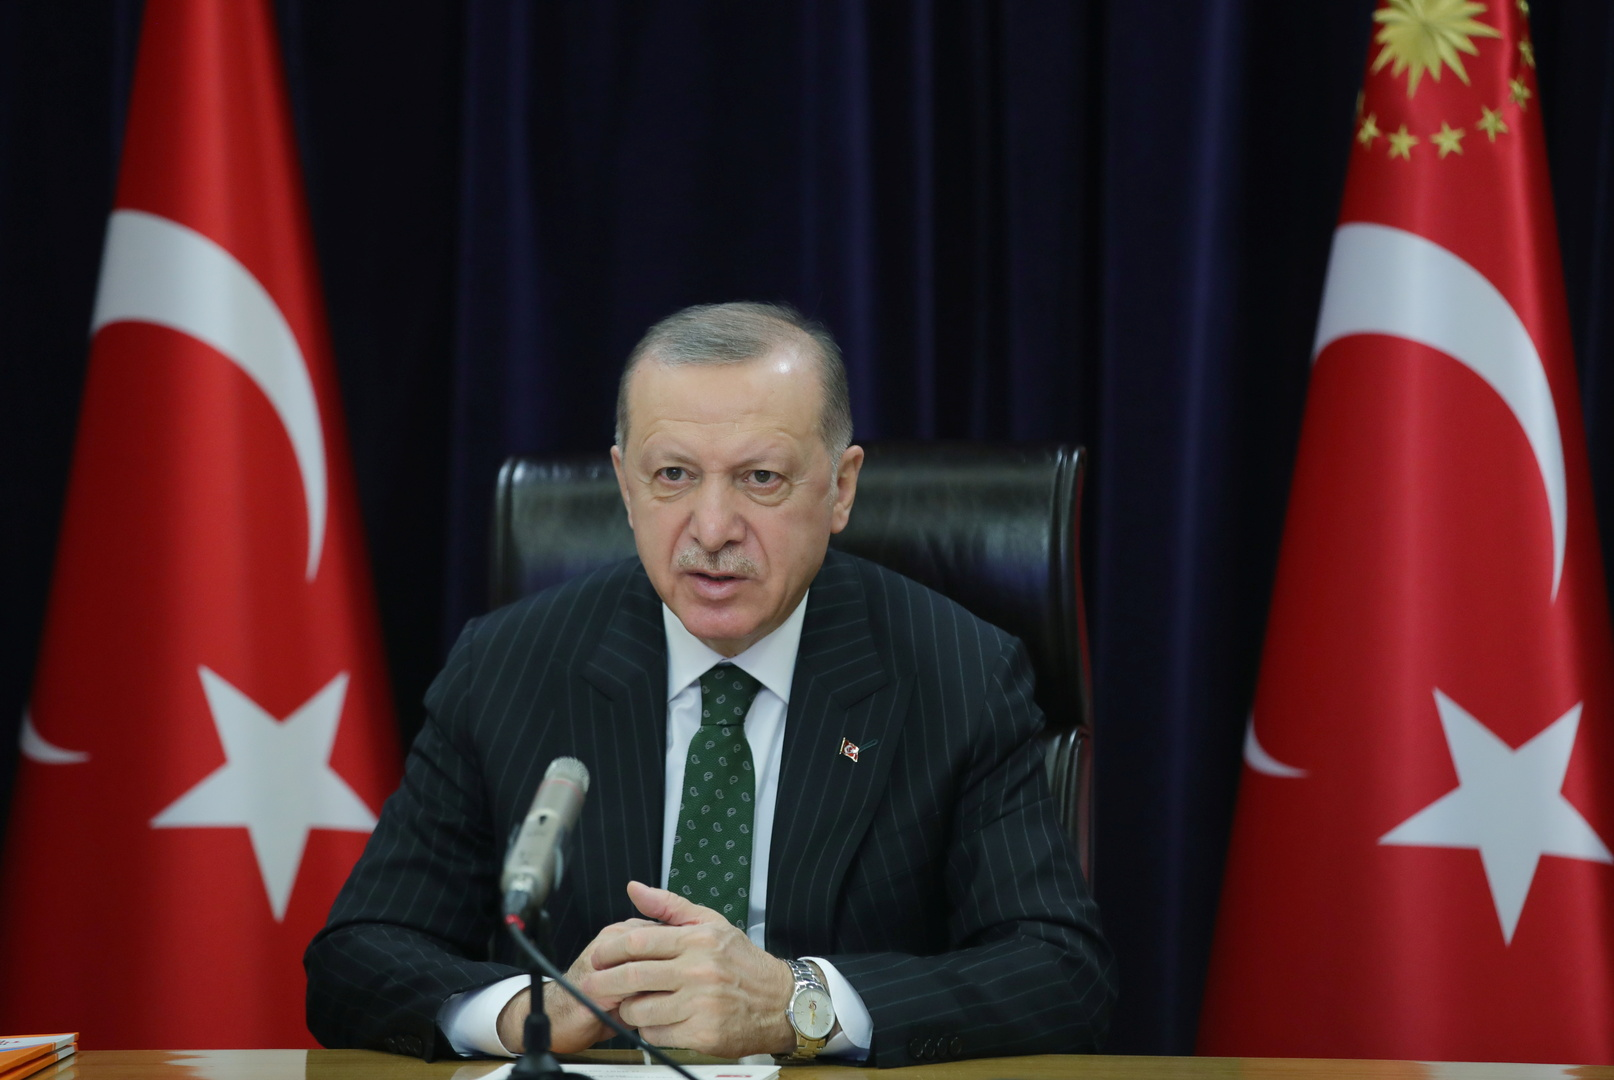 أردوغان: إطلاق الصواريخ الليلة الماضية على الأراضي التركية تم من النظام السوري وقواتنا ردت عليه